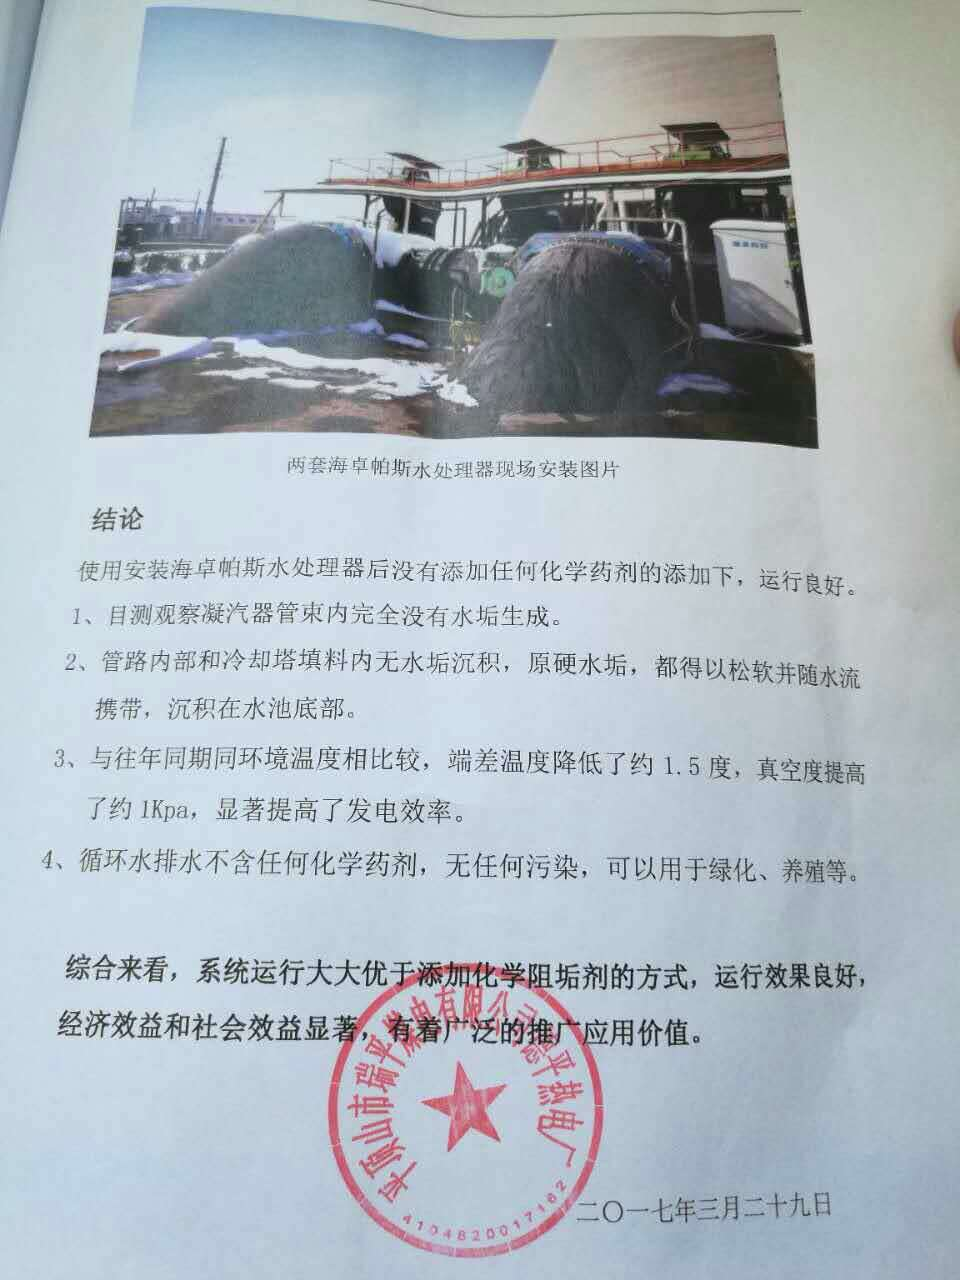 河南瑞平电厂2套海卓帕斯水处理设备